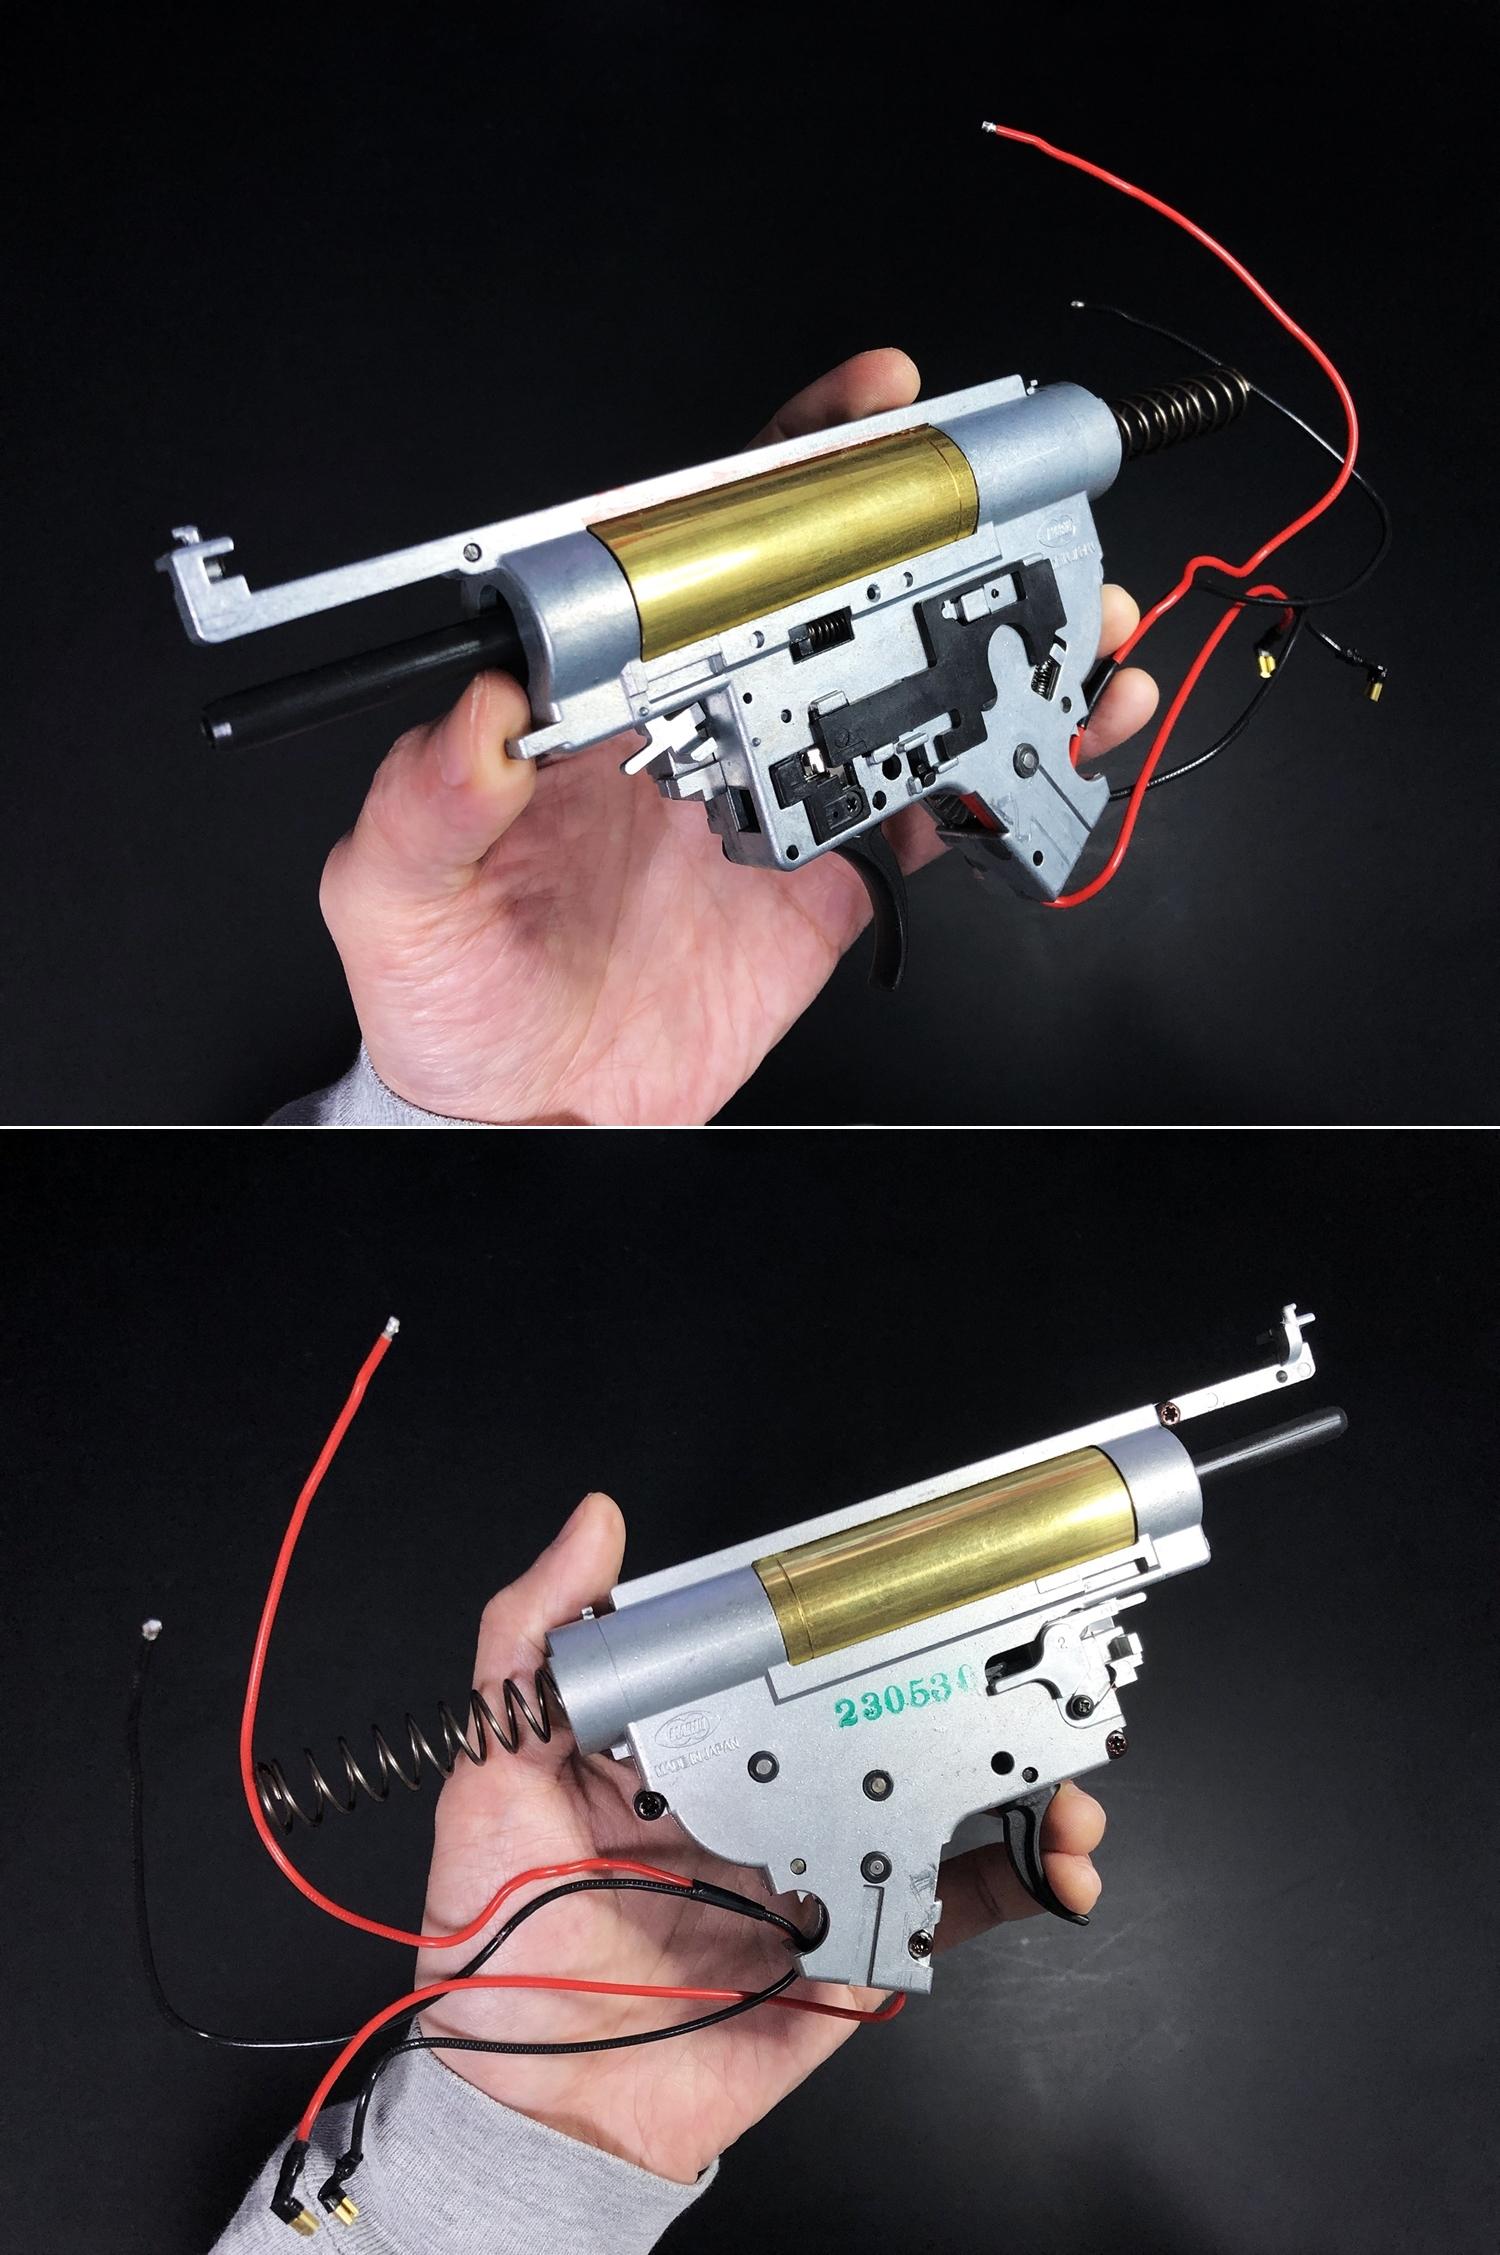 11 次世代 M4 CQB-R 簡易的修理で激的変化!! メカボックス 新品交換 & サマリウム・コバルトモーター カスタム!! メンテナンス 交換 修理 カスタム レビュー!!